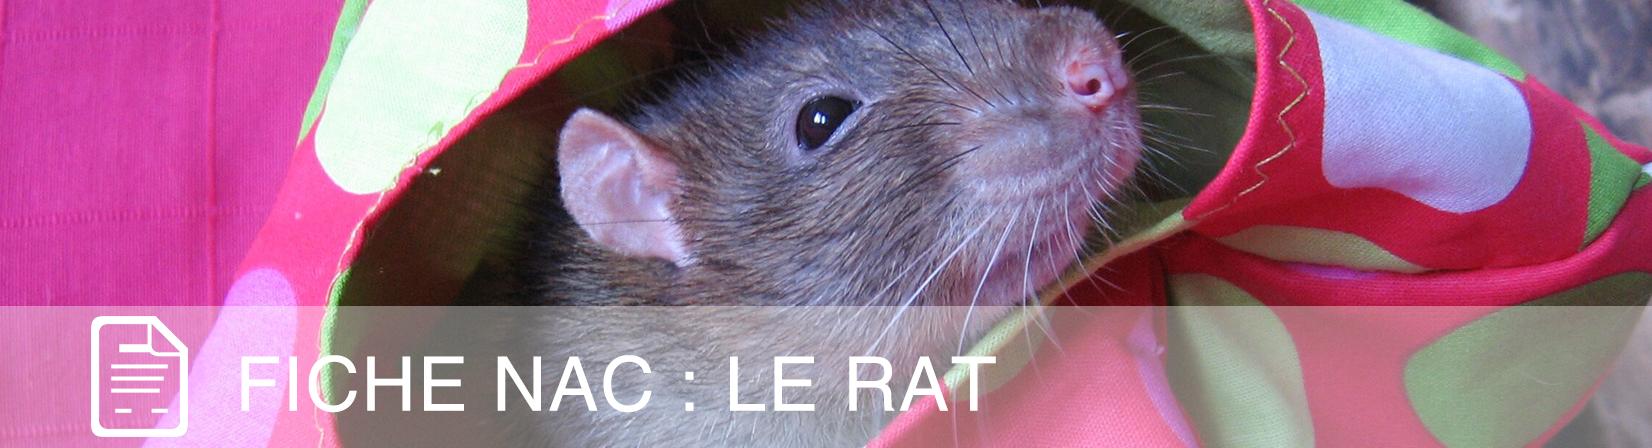 fiche-nac-rat